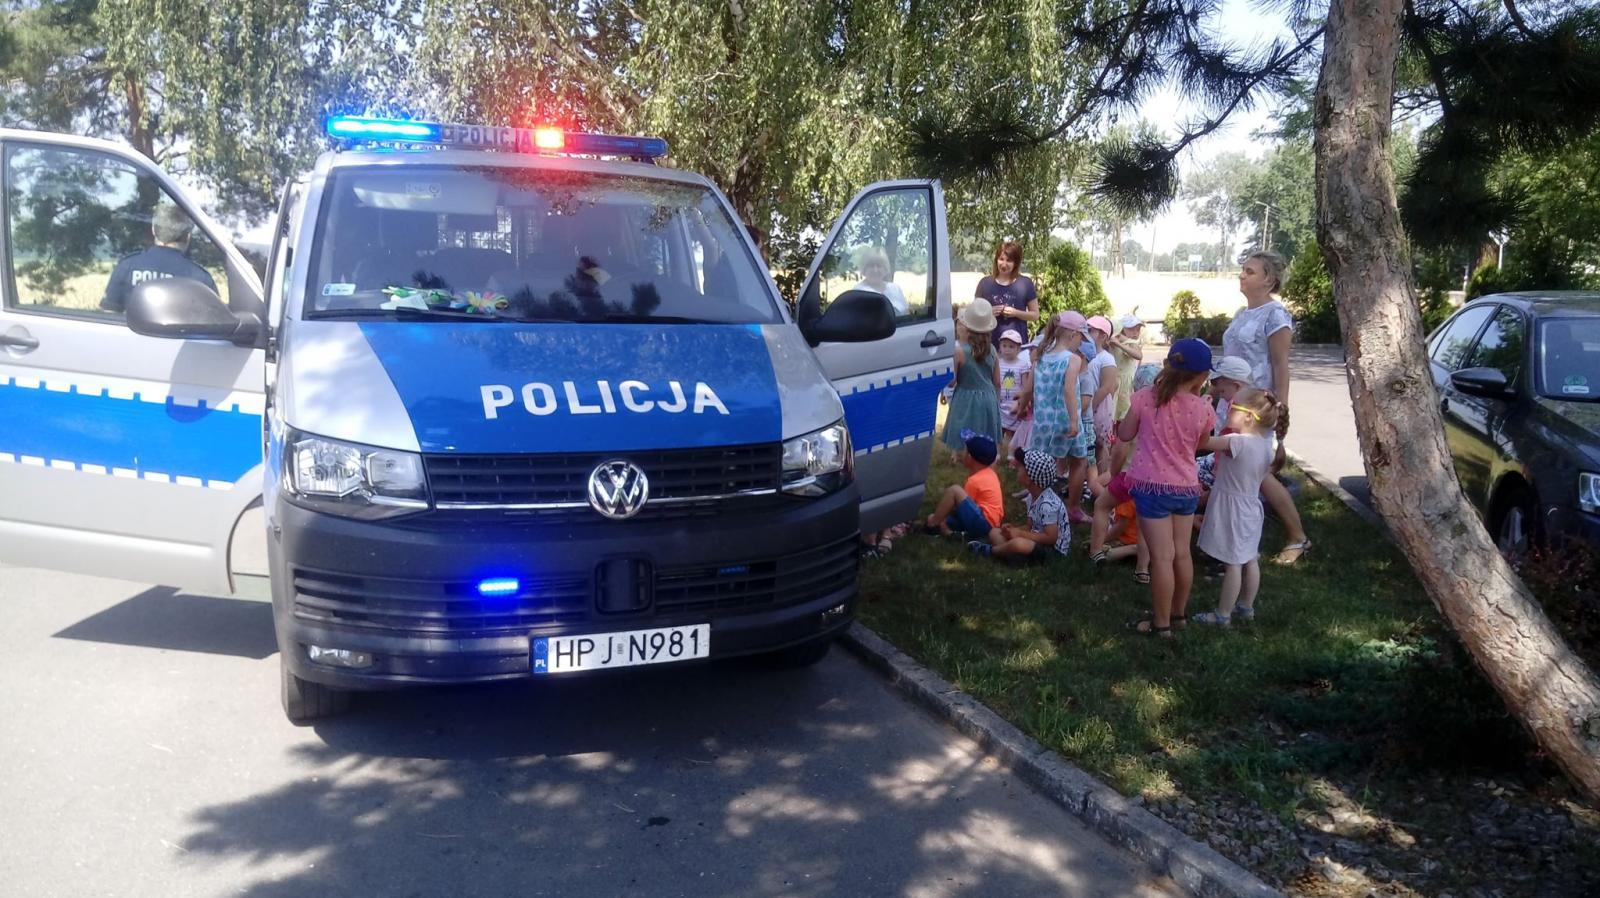 Jestem bezpieczny podczas wakacji... - spotkanie z Policjantem